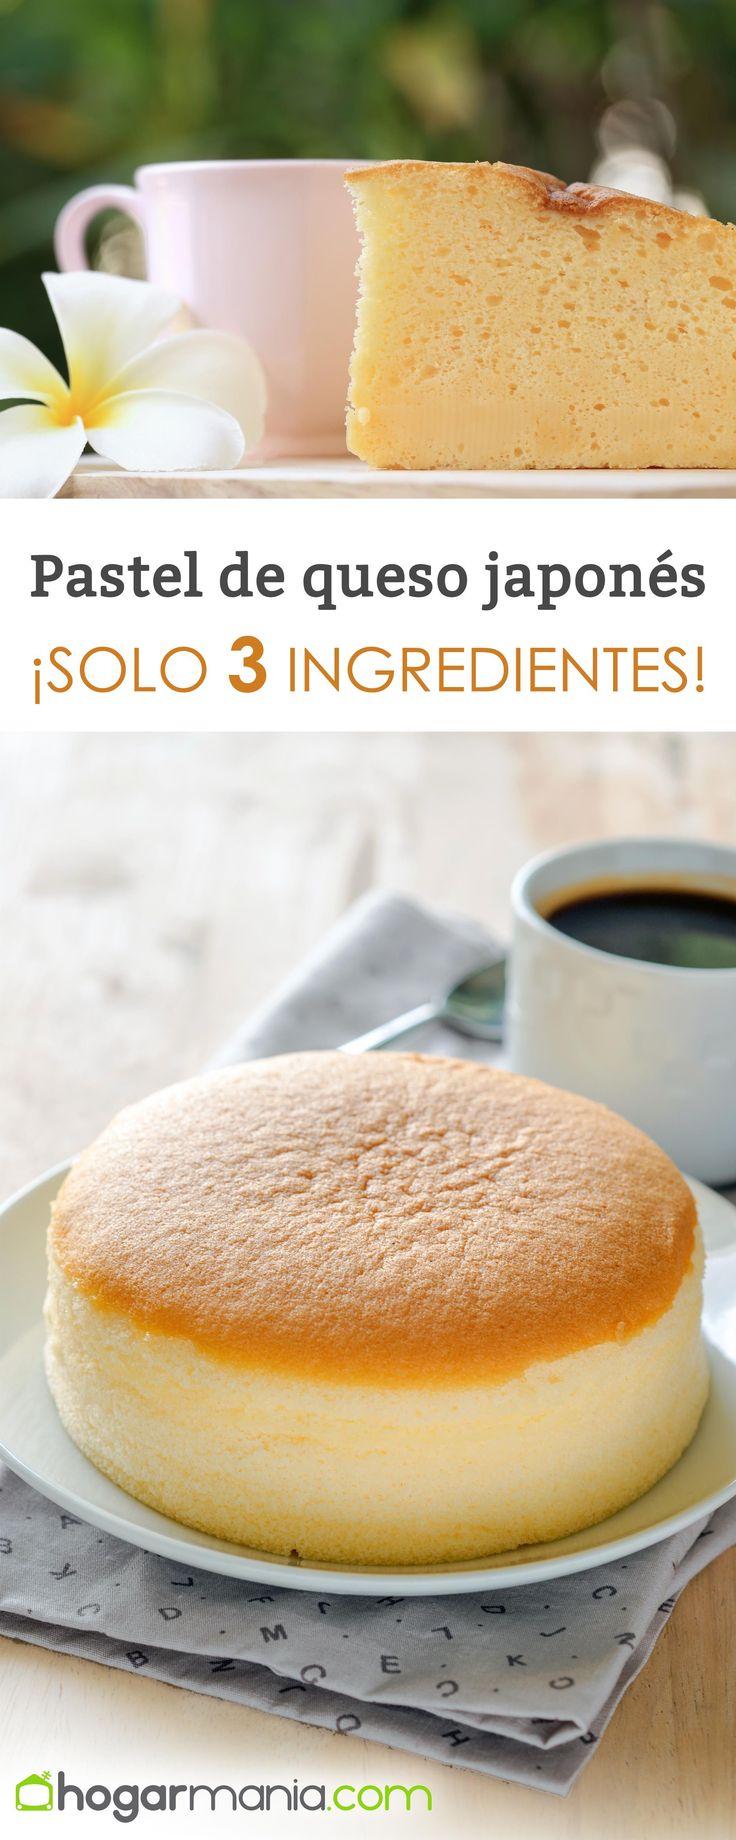 Receta de Pastel de queso japonés #cocina #receta #hogarmania #eva #arguiñano #postre #queso #tar